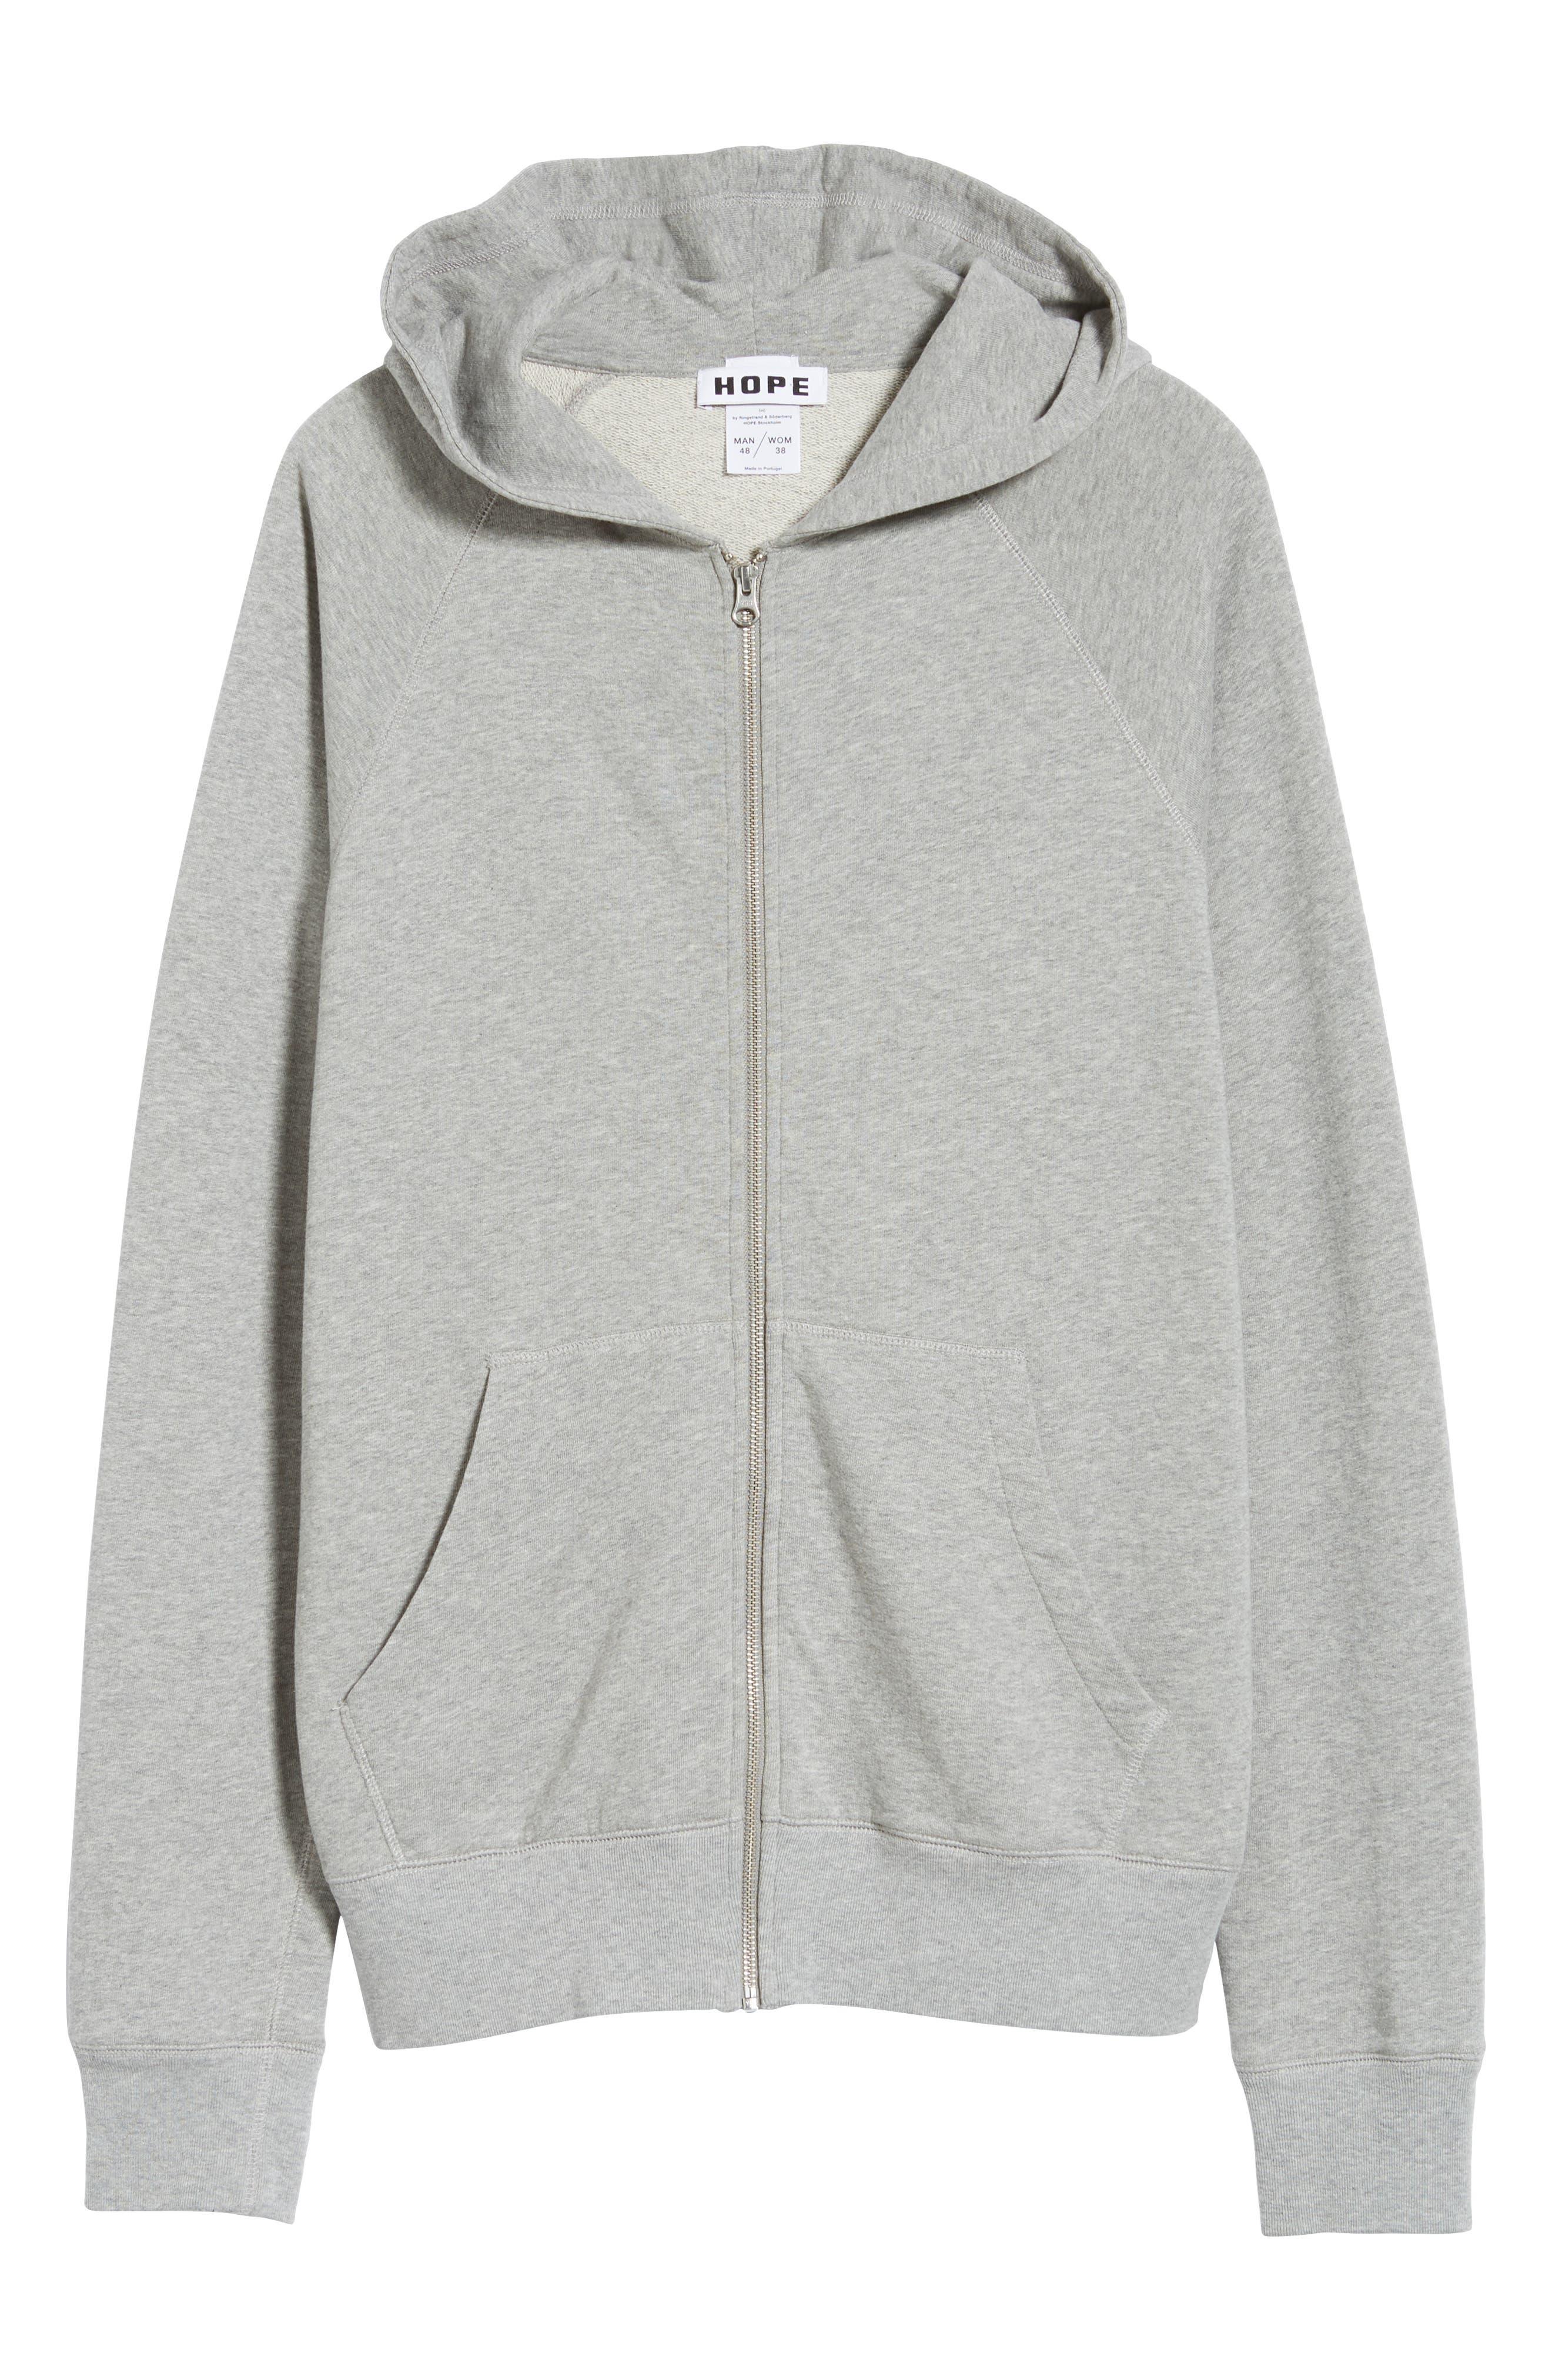 Pause Hooded Zip Sweatshirt,                             Alternate thumbnail 6, color,                             GREY MELANGE